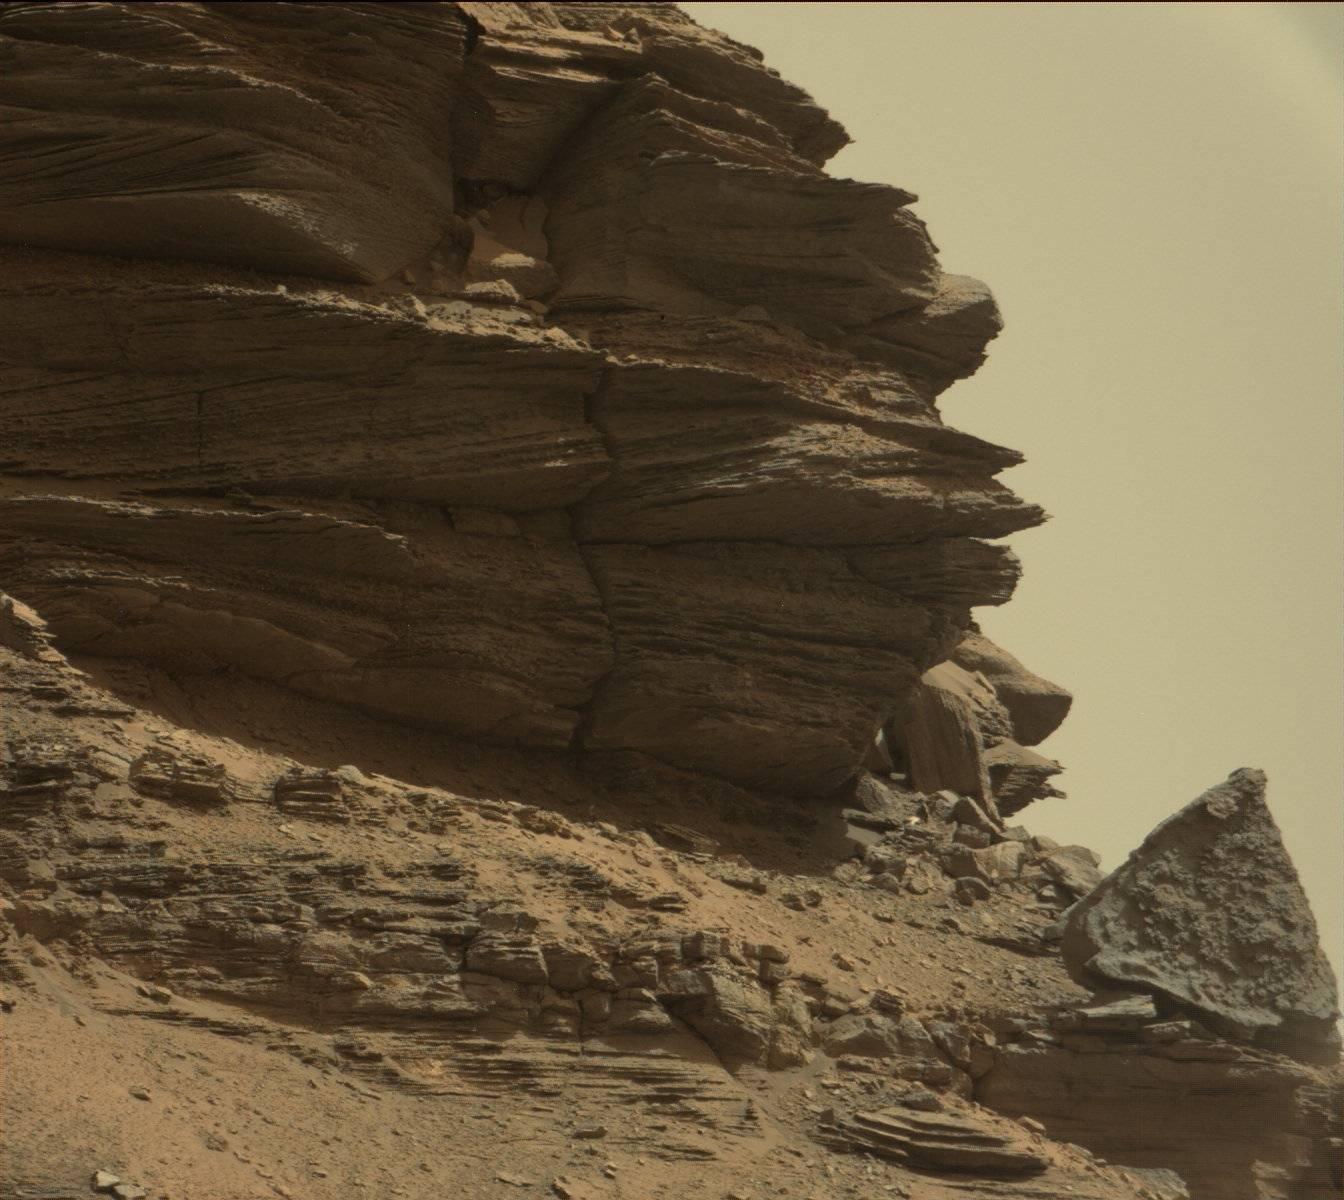 jpl mars rover curiosity - photo #26